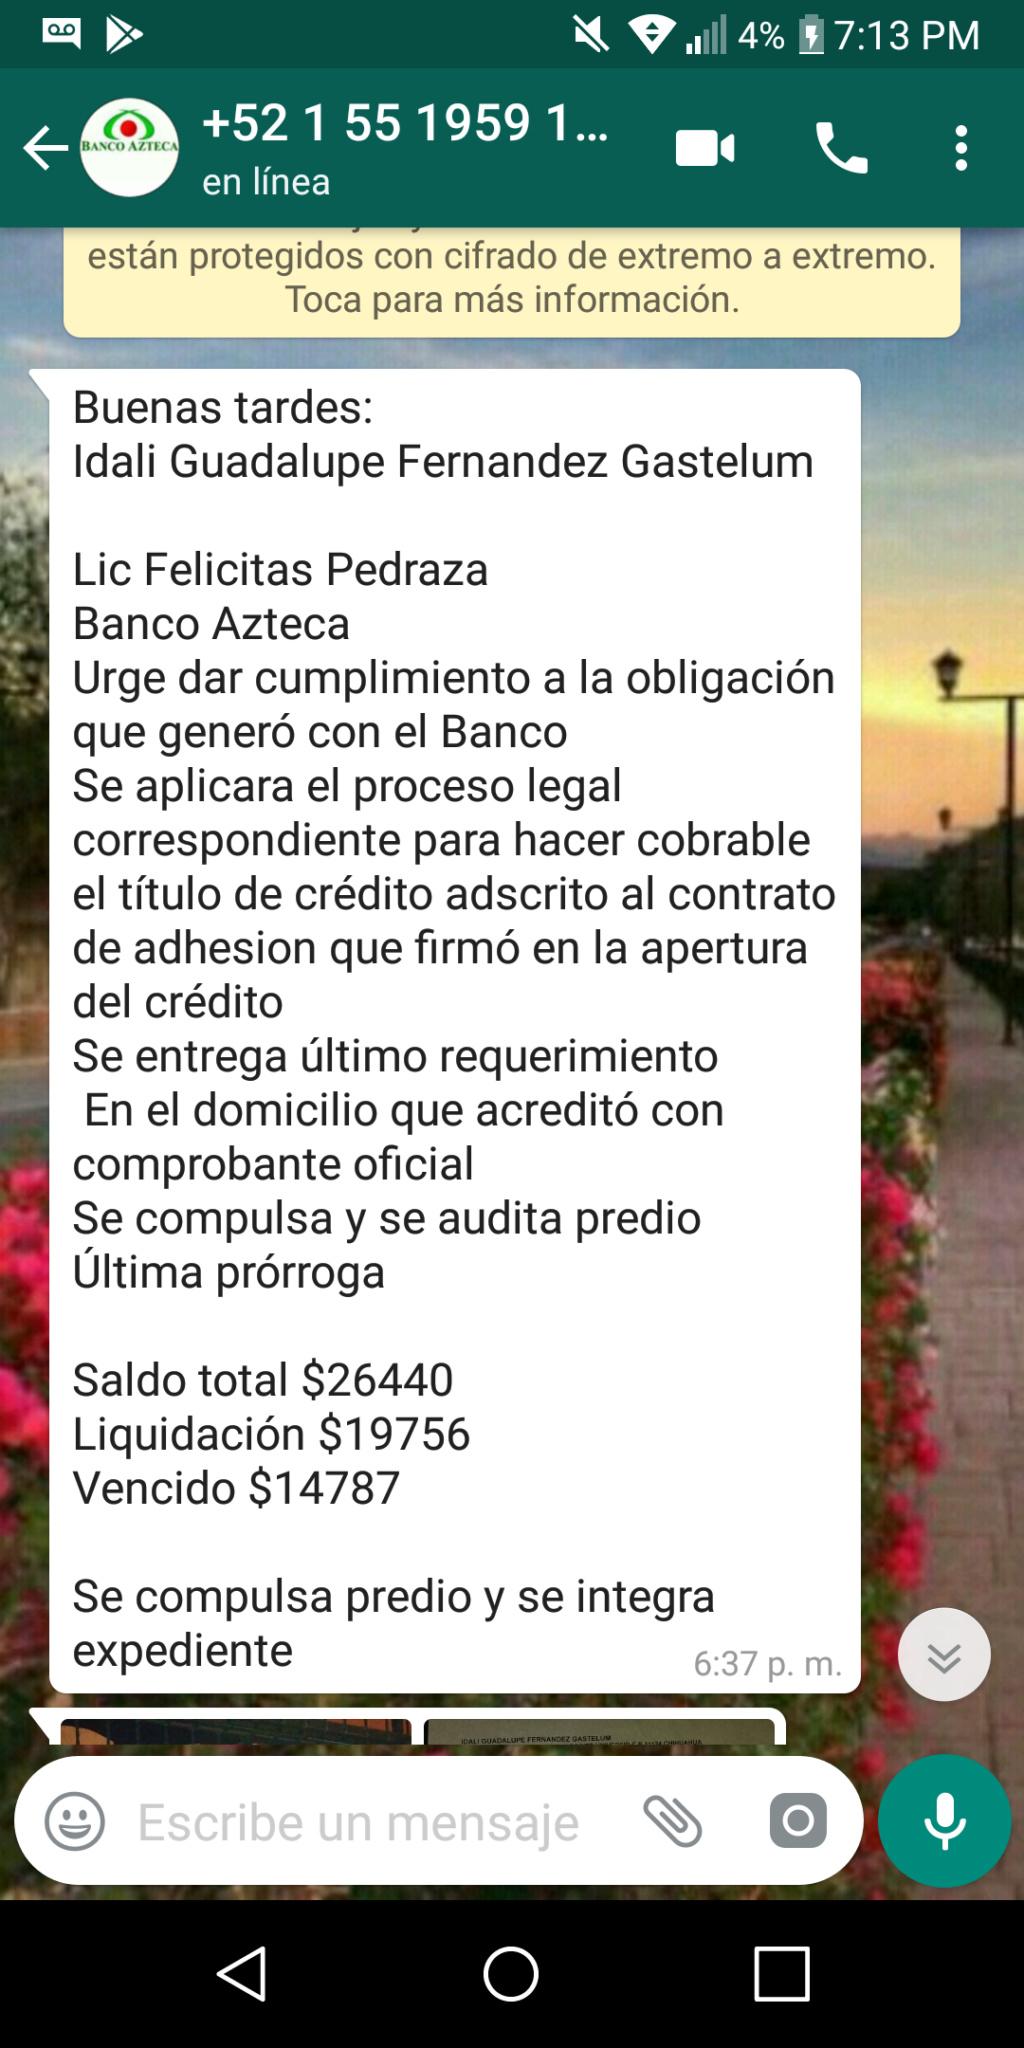 Deuda Banco azteca Screen11